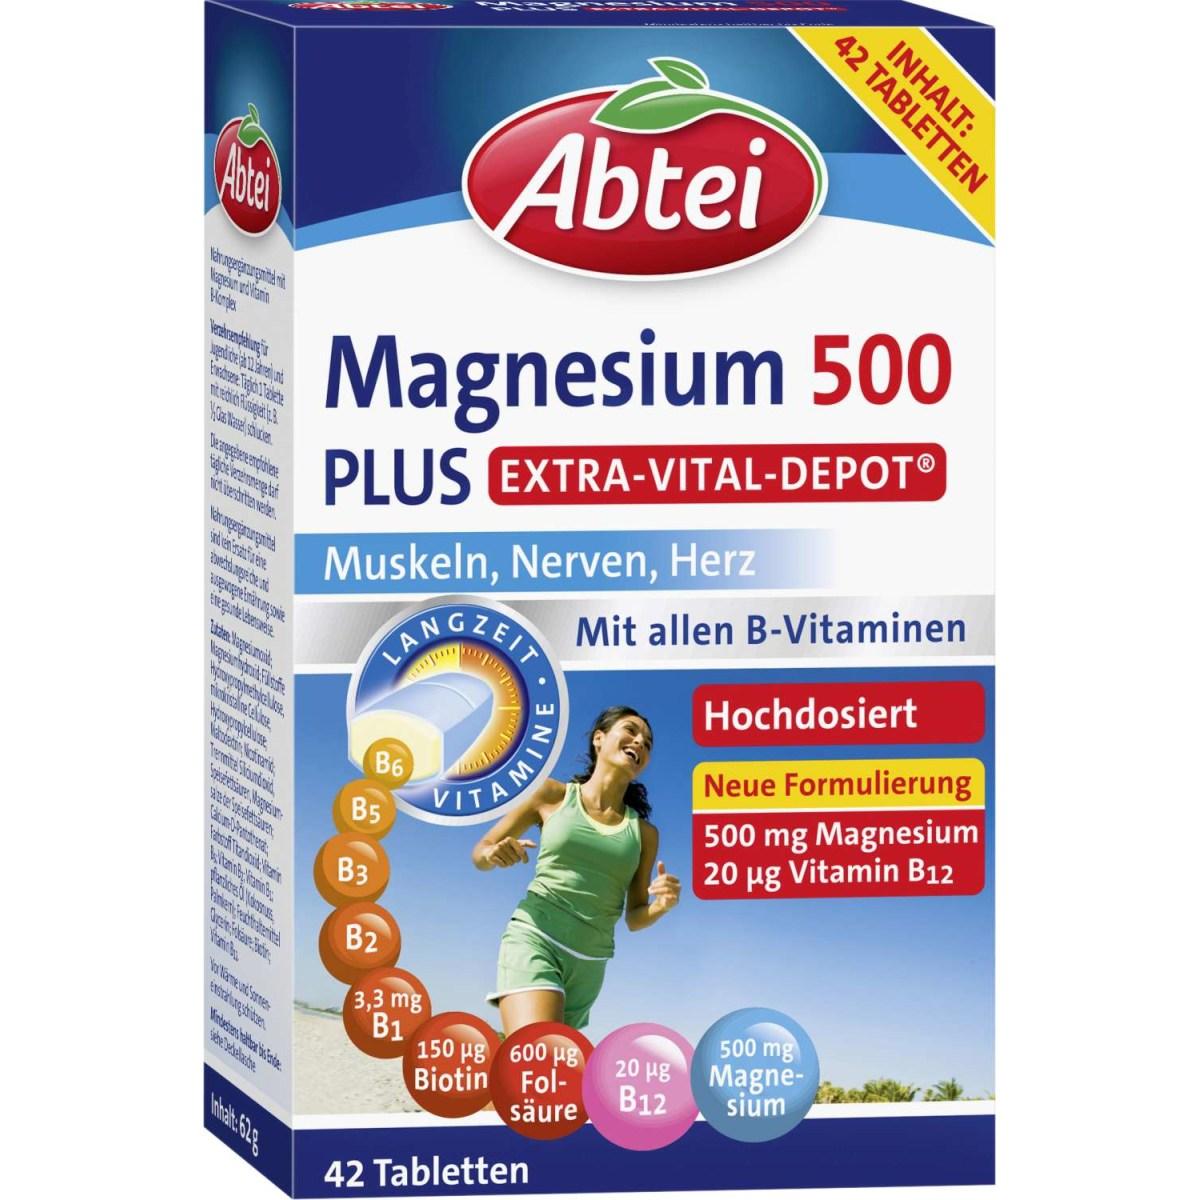 Abtei Magnesium 500 Plus